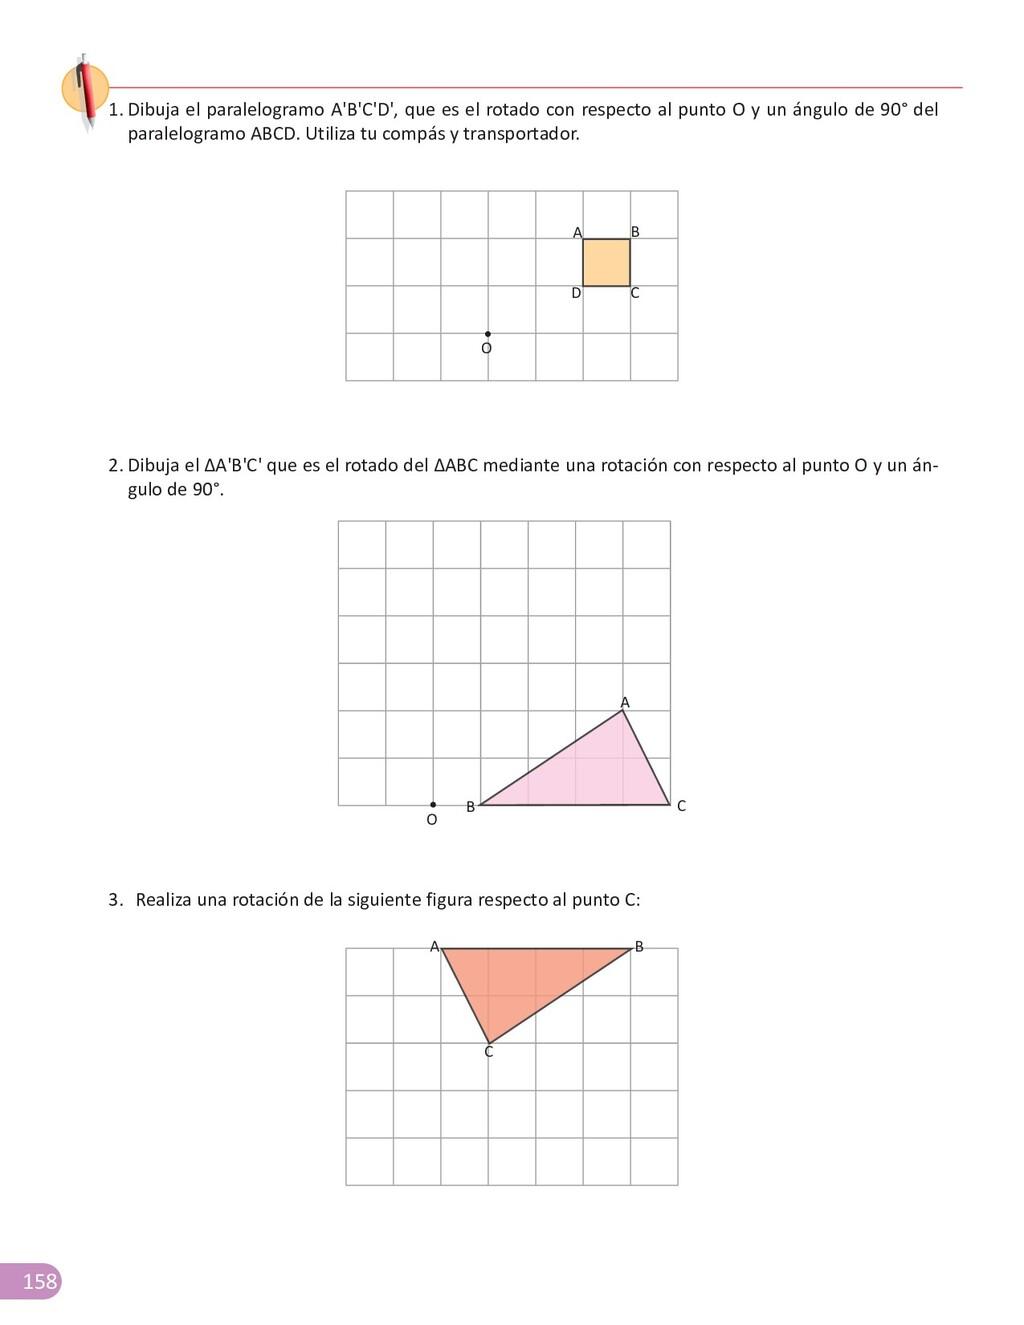 158 1. Dibuja el paralelogramo A'B'C'D', que es...